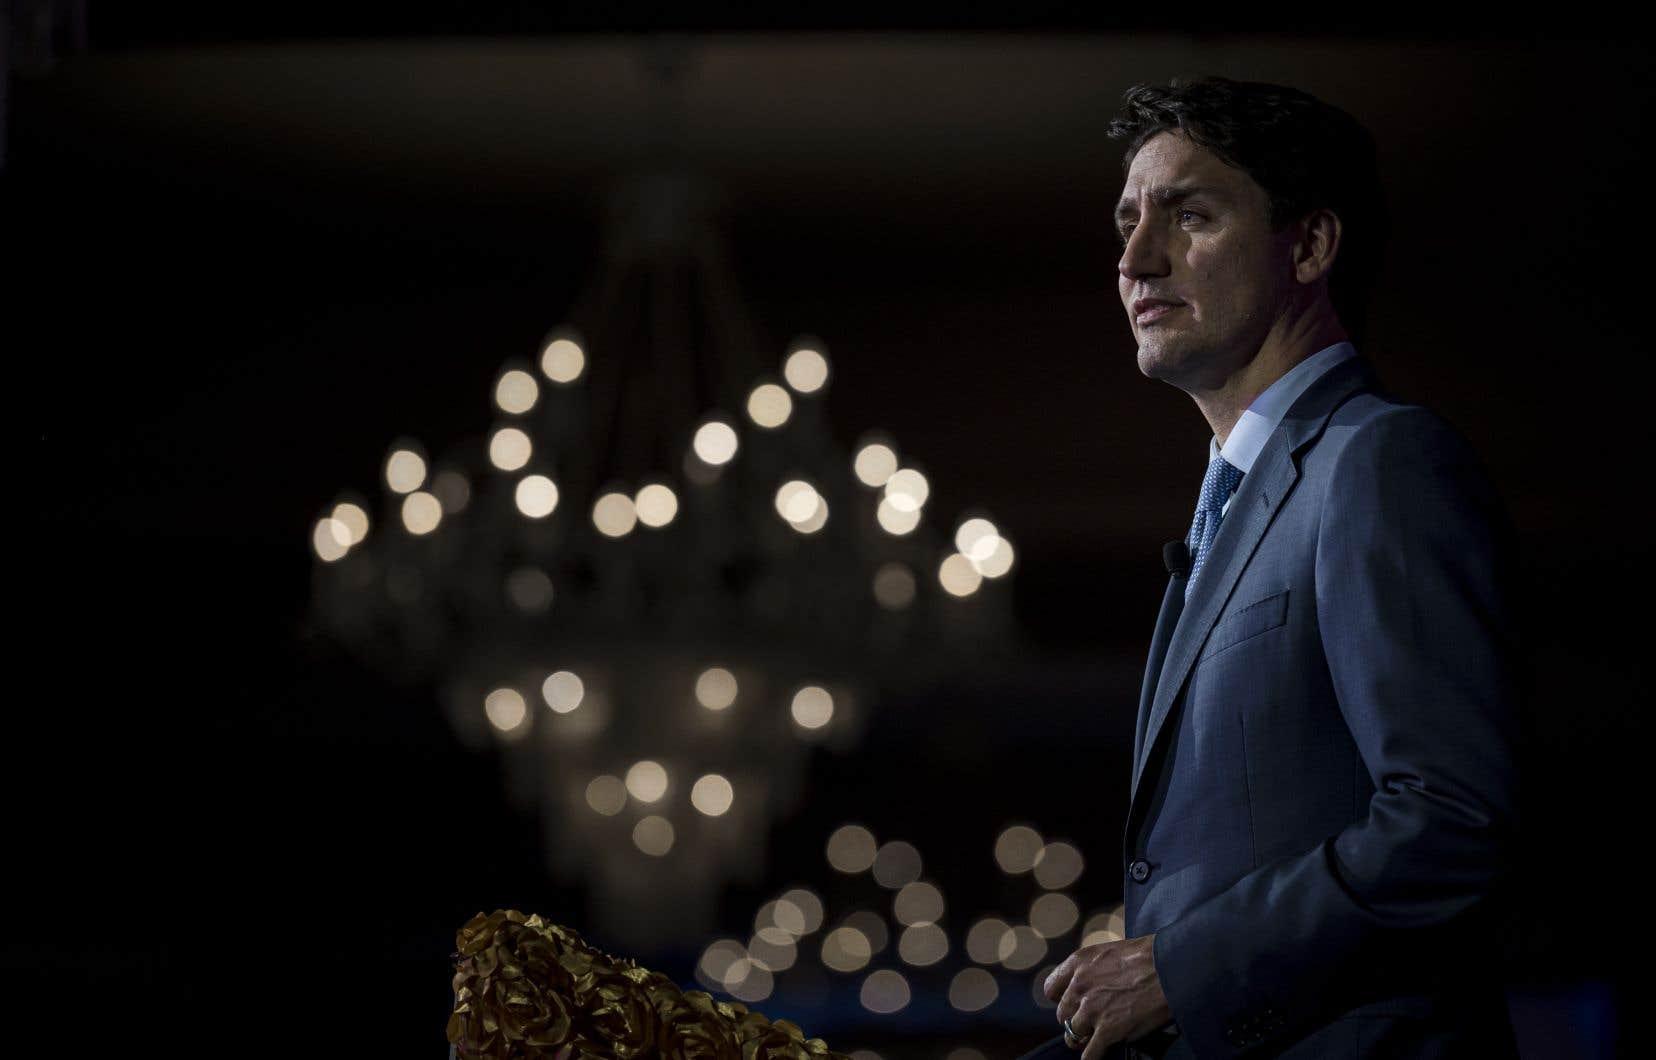 «Le gouvernement Trudeau se voit imposer par l'OTAN d'acheter pour 70 milliards de dollars de bateaux de guerreet bientôt pour des dizaines de milliards de chasseurs bombardiers d'attaque», souligne l'auteur.